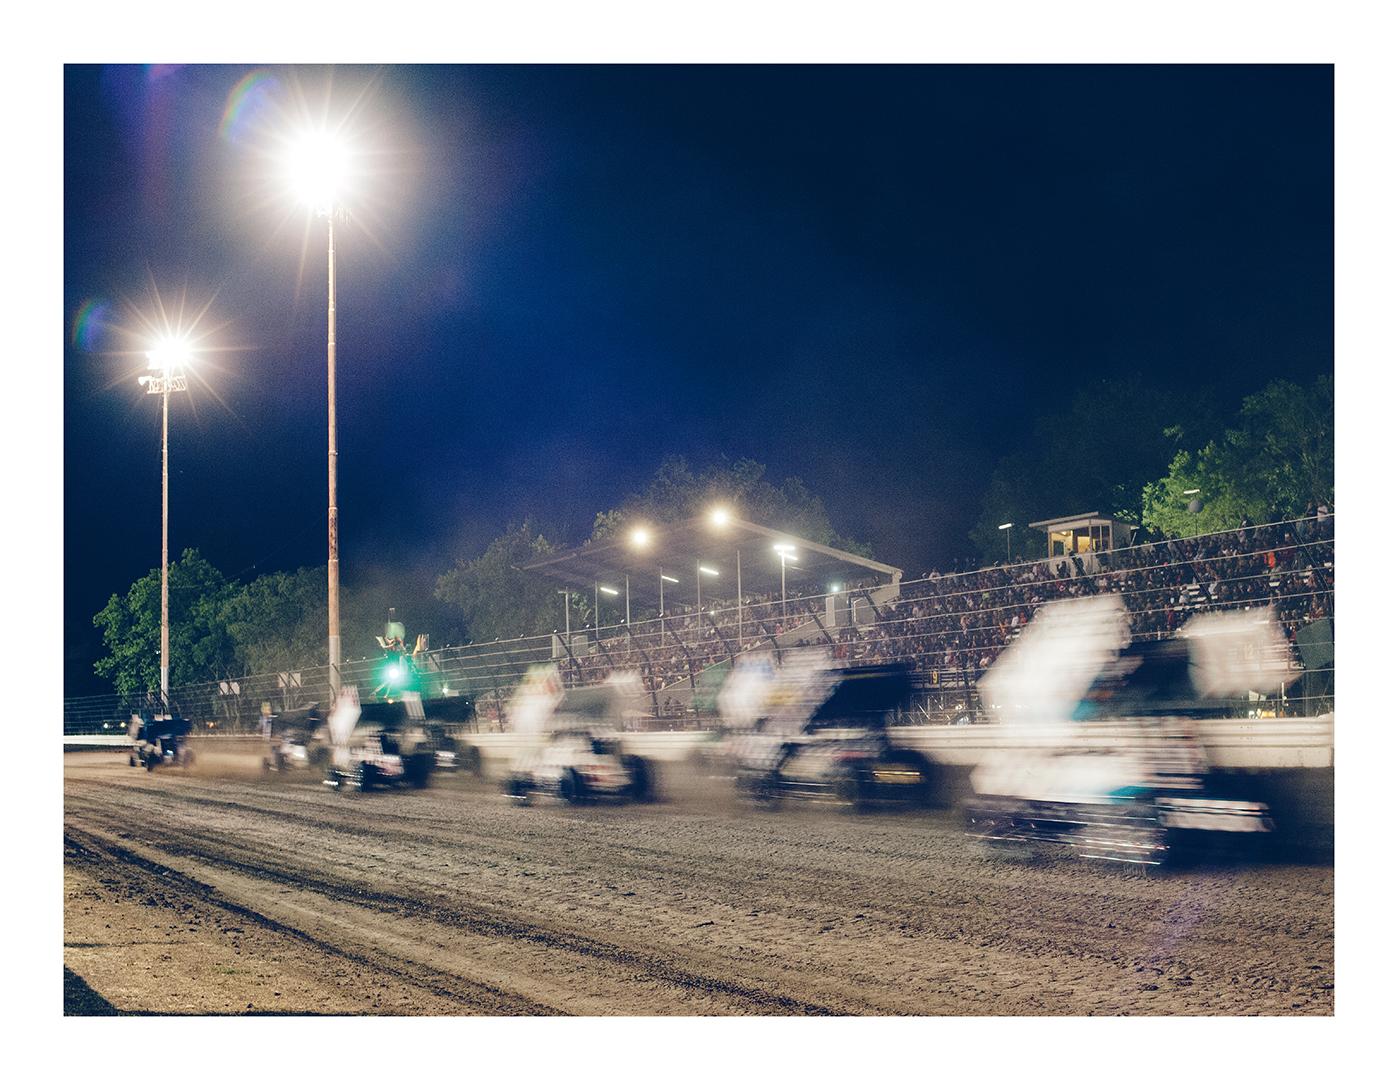 Calistoga Speedway, Calistoga, CA